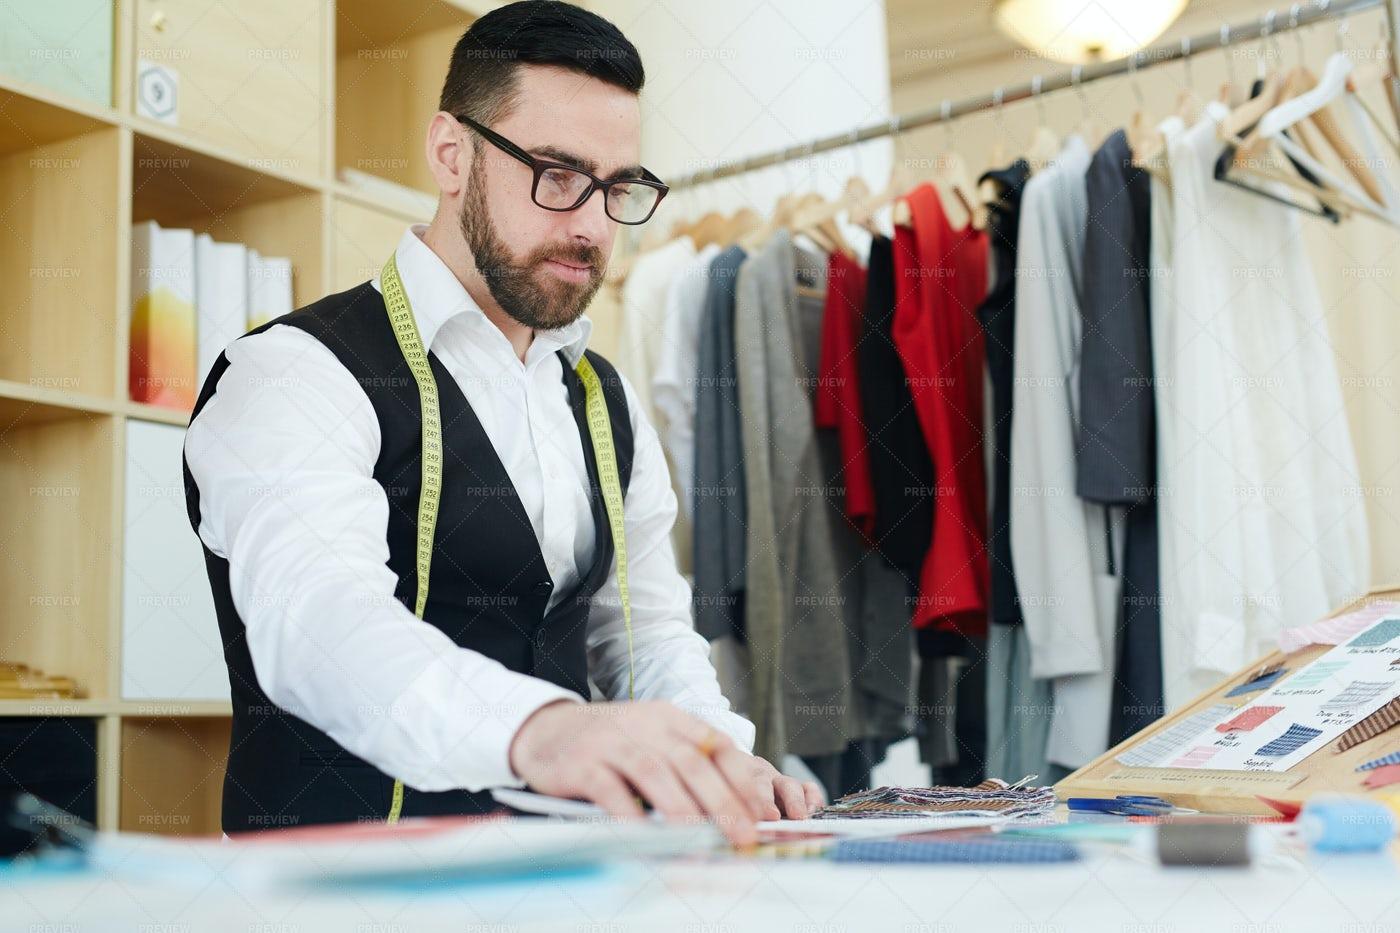 Making Fashion: Stock Photos